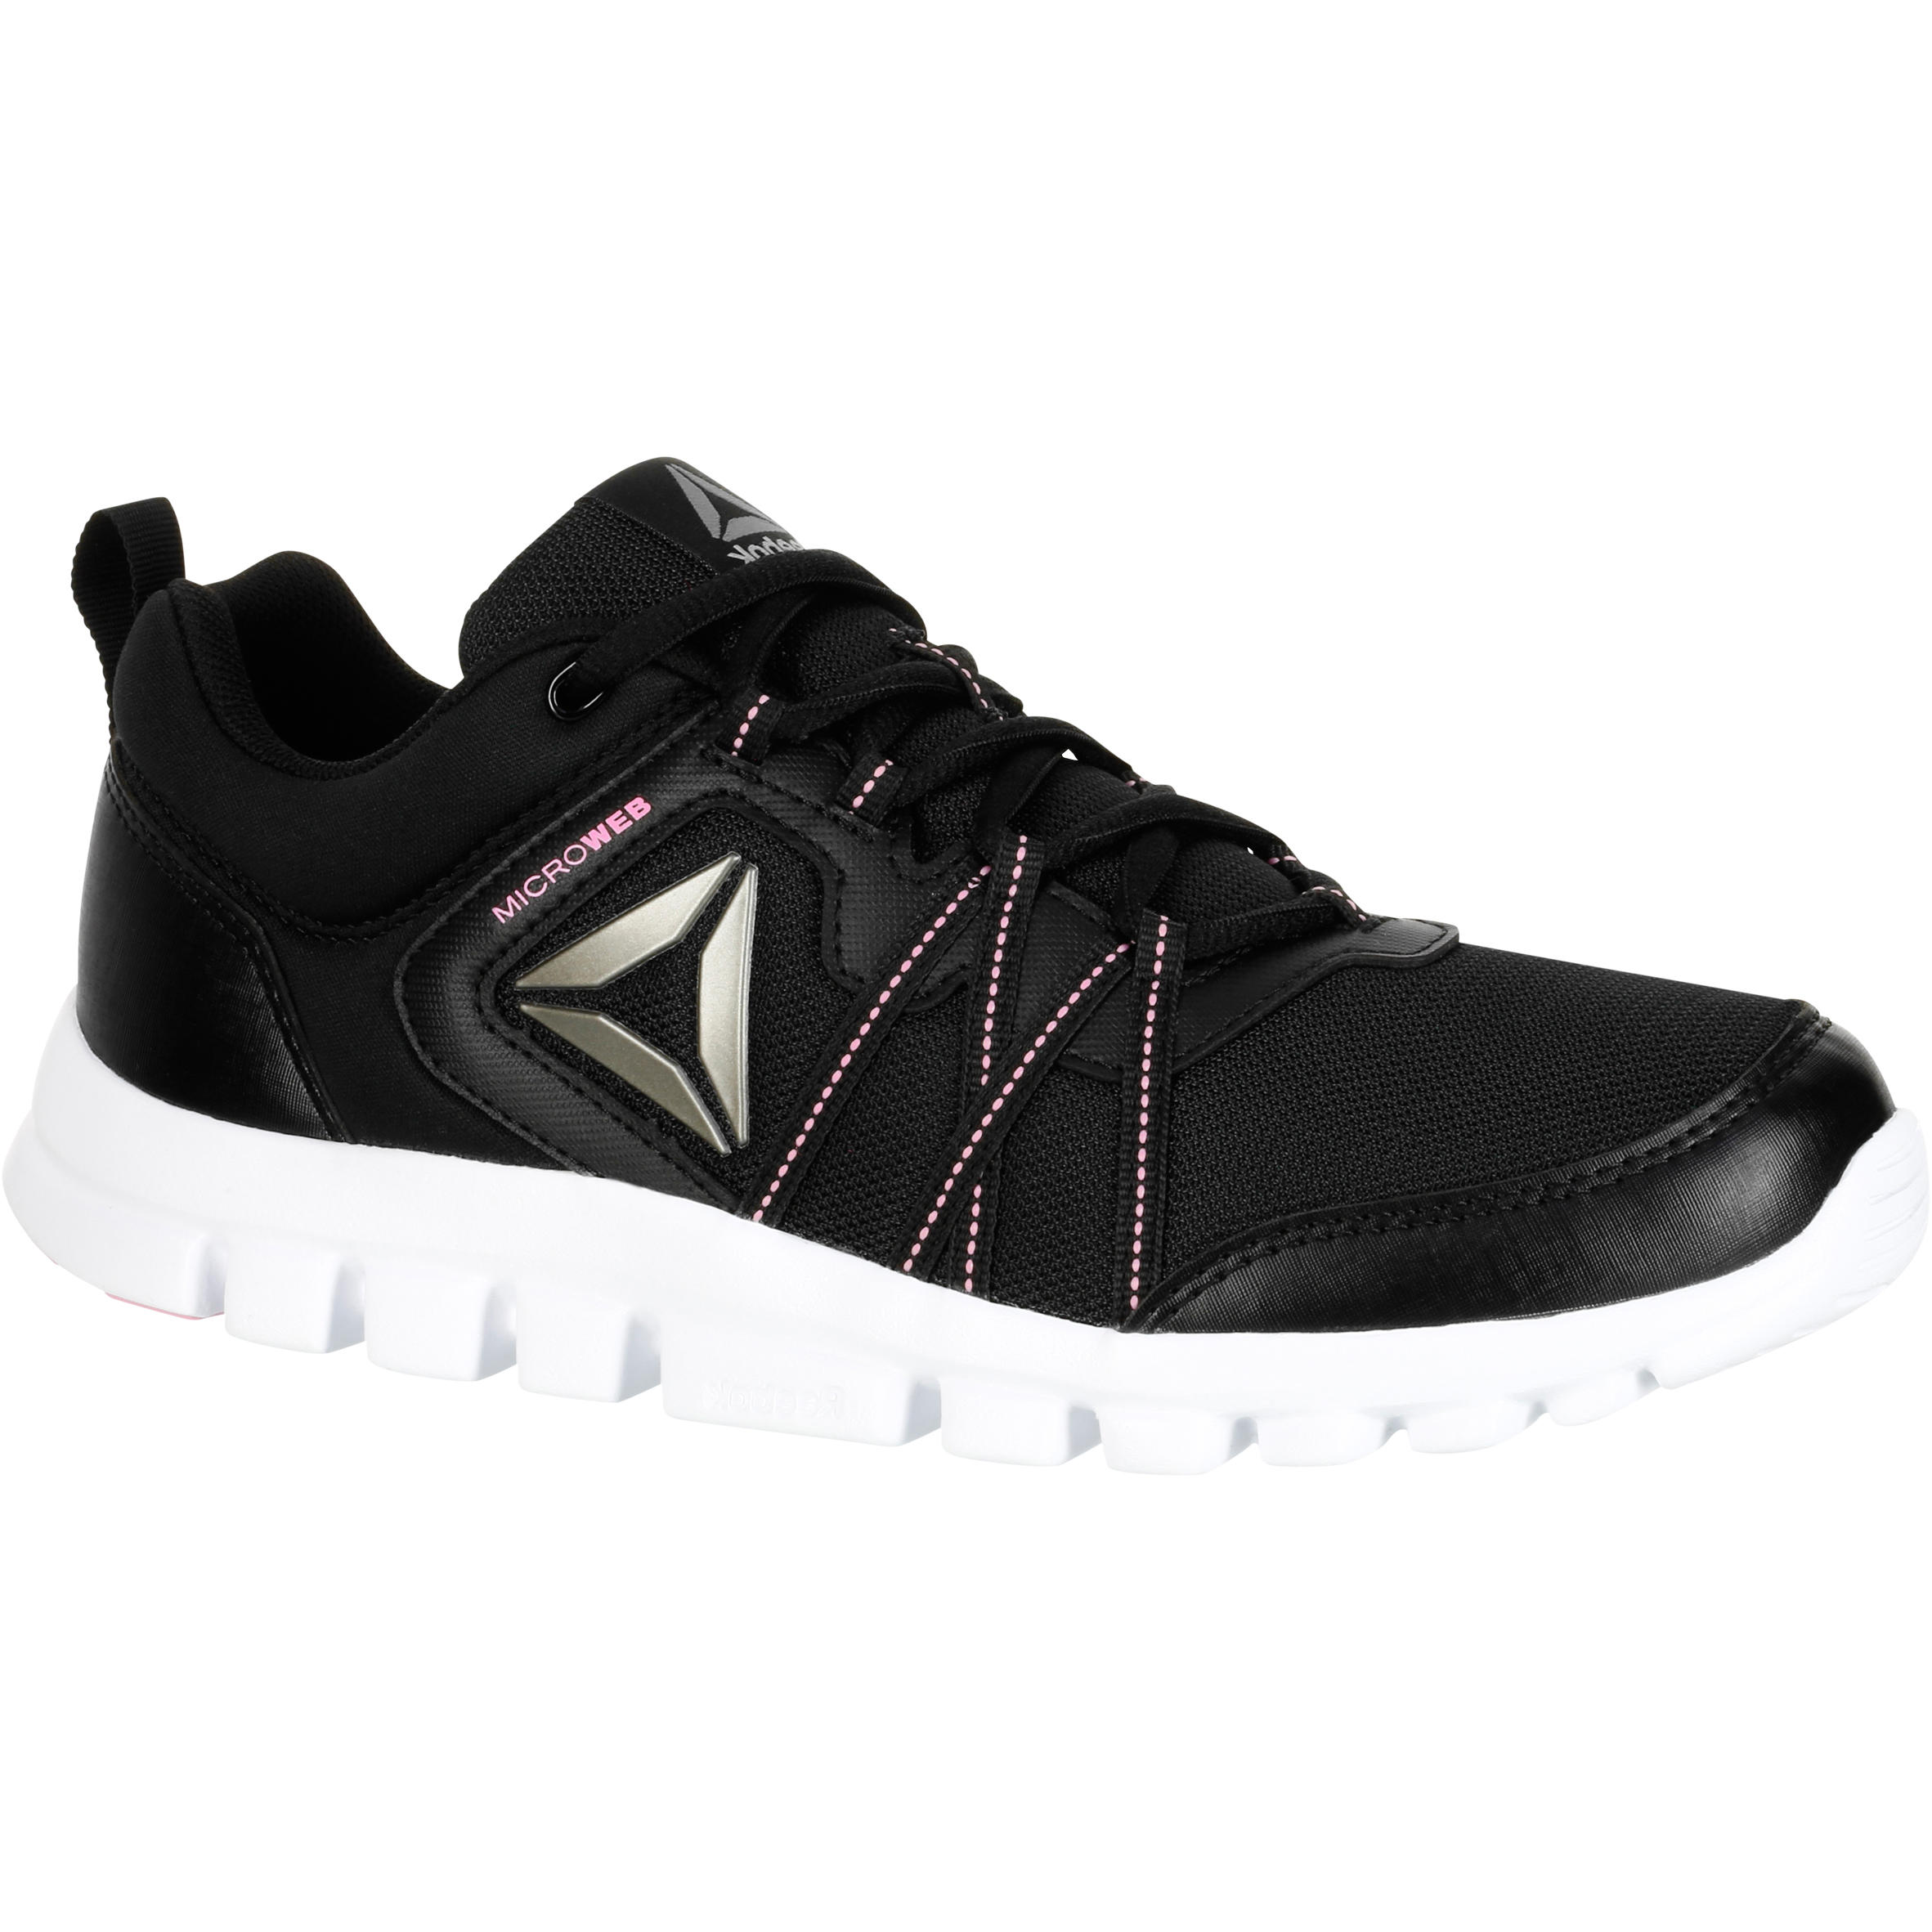 90cae661ab0 chaussures marche quotidienne femme lite racer noir adidas bleu blanc gris